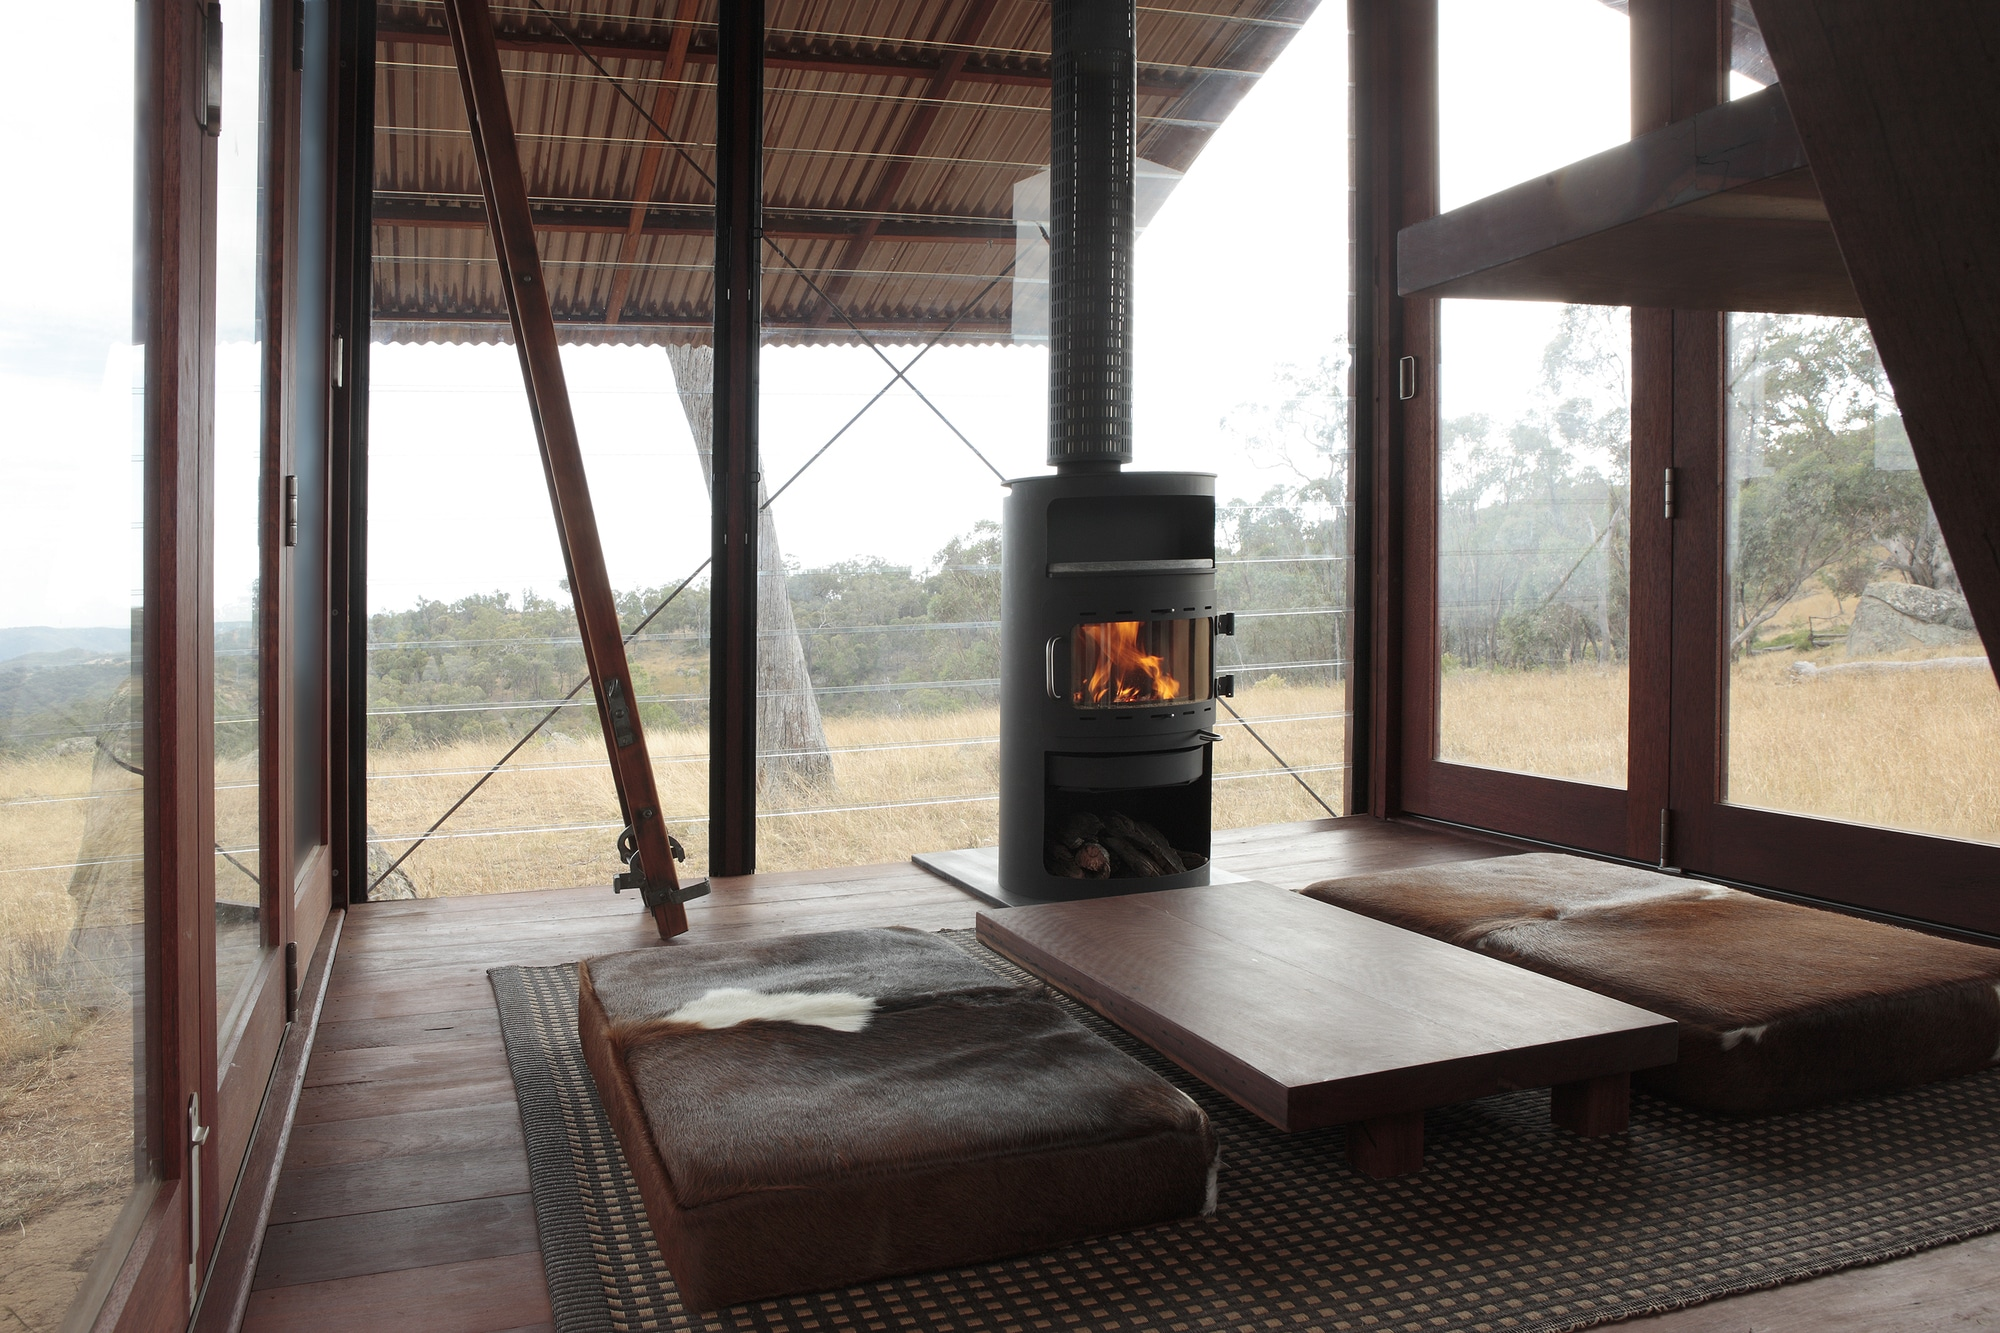 Dise o de casa peque a de campo interiores y planos Diseno de interiores para casas pequenas